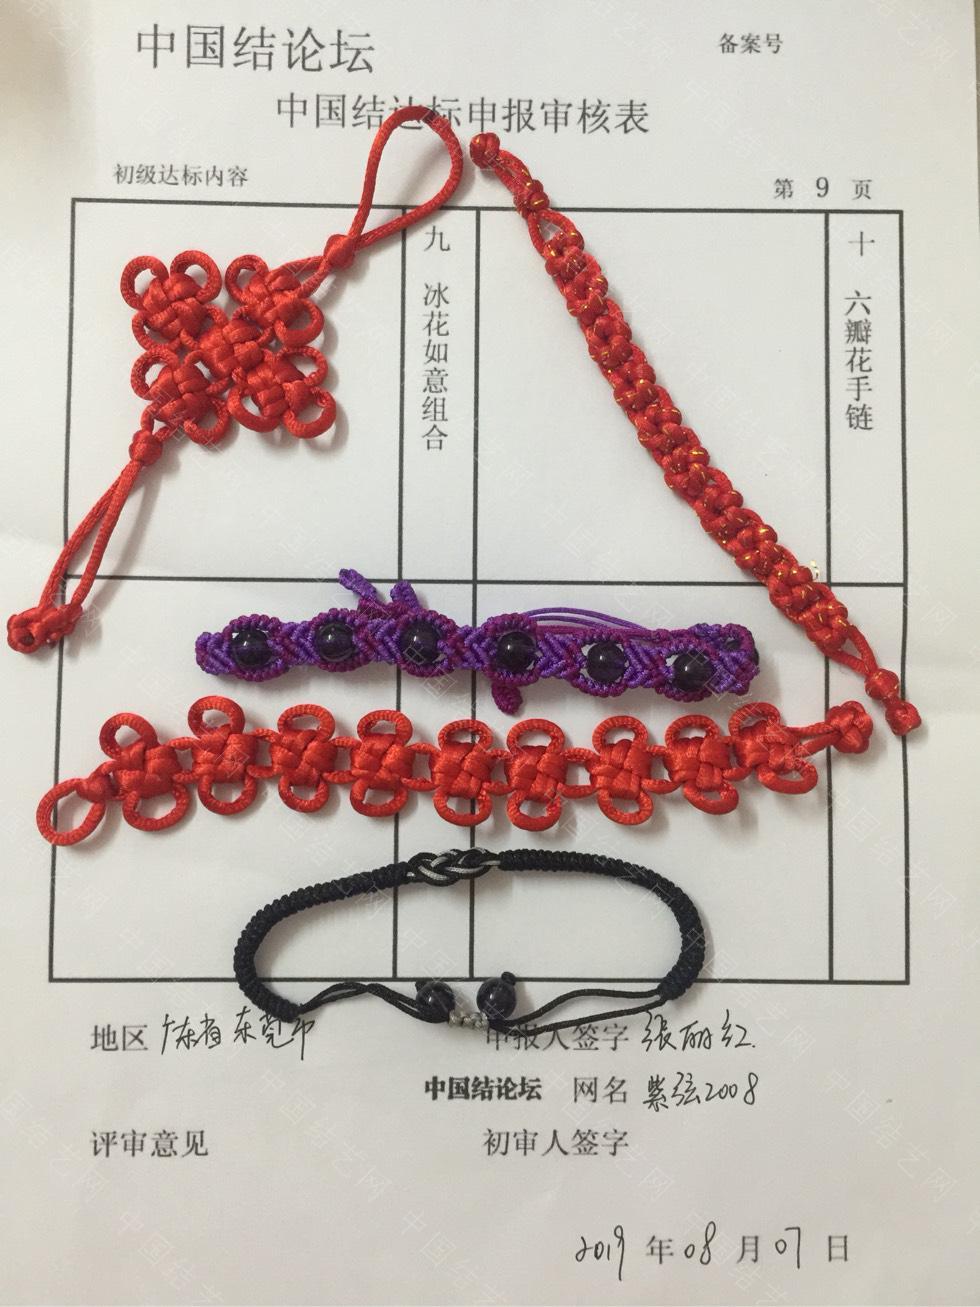 中国结论坛 紫弦2008--初级达标申请稿件 紫袖红弦是什么意思,自备稿件《我》,蓬莱间紫弦插曲,安全小稿件 中国绳结艺术分级达标审核 004522byuoah5y8iszuall